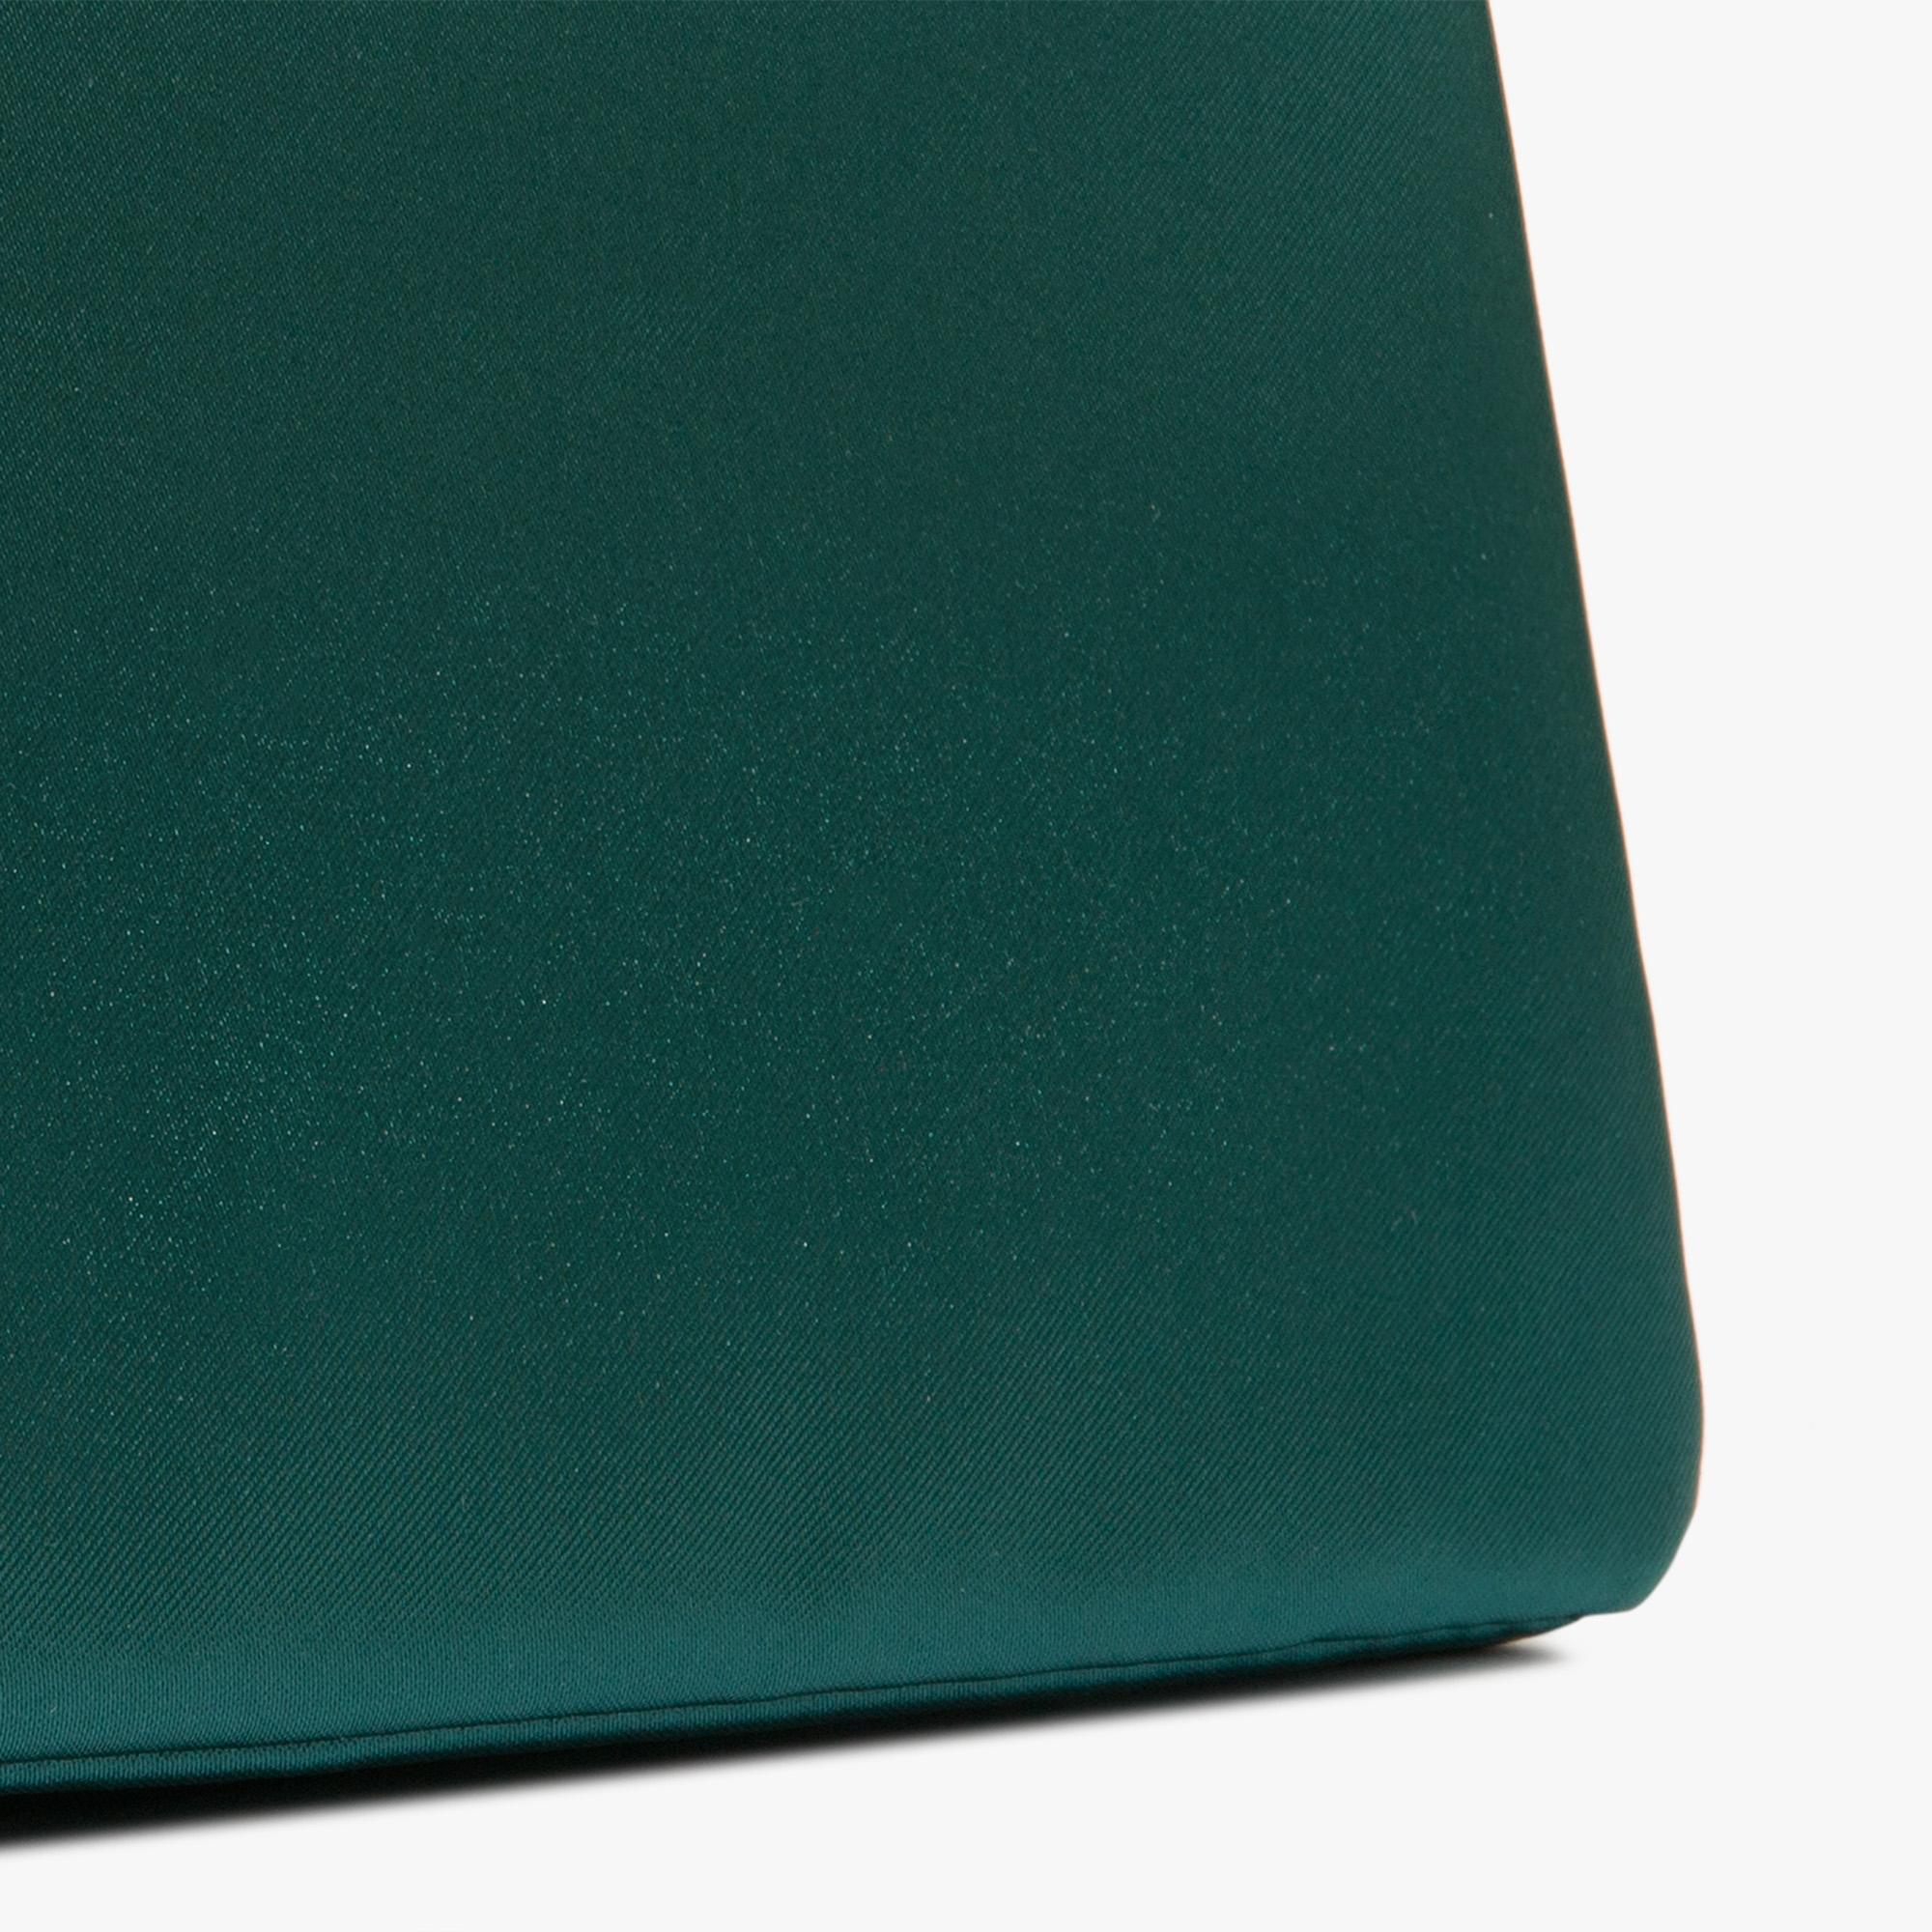 Fabric clutch